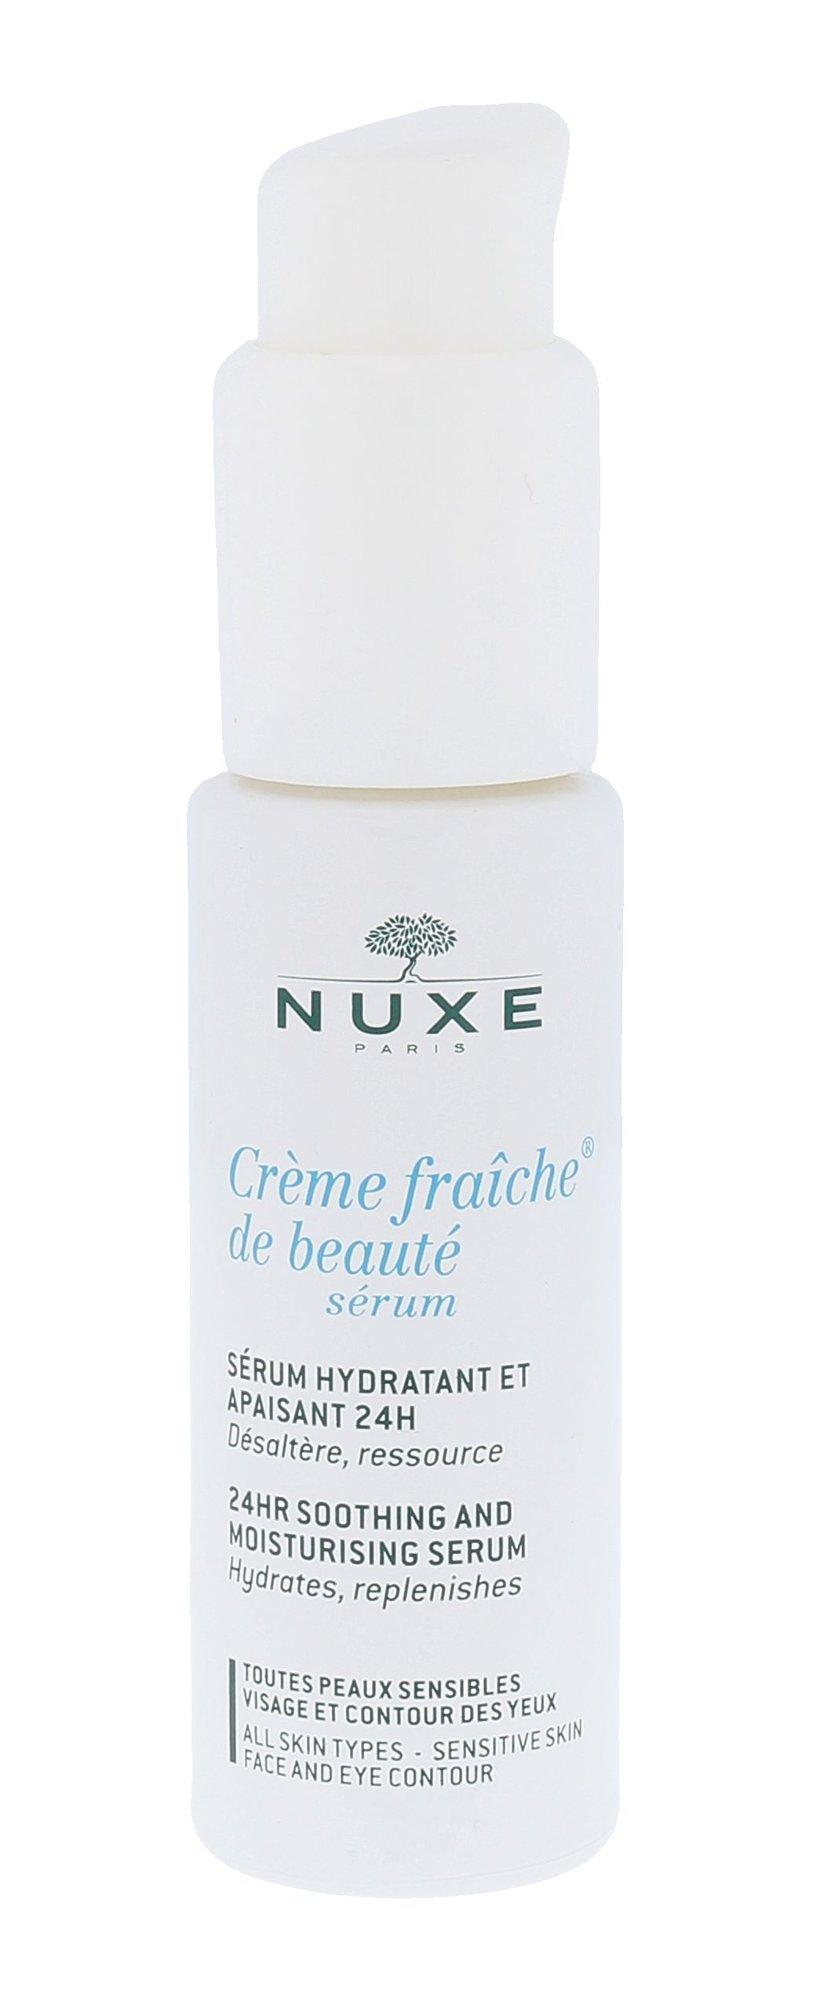 NUXE Creme Fraiche de Beauté Cosmetic 30ml